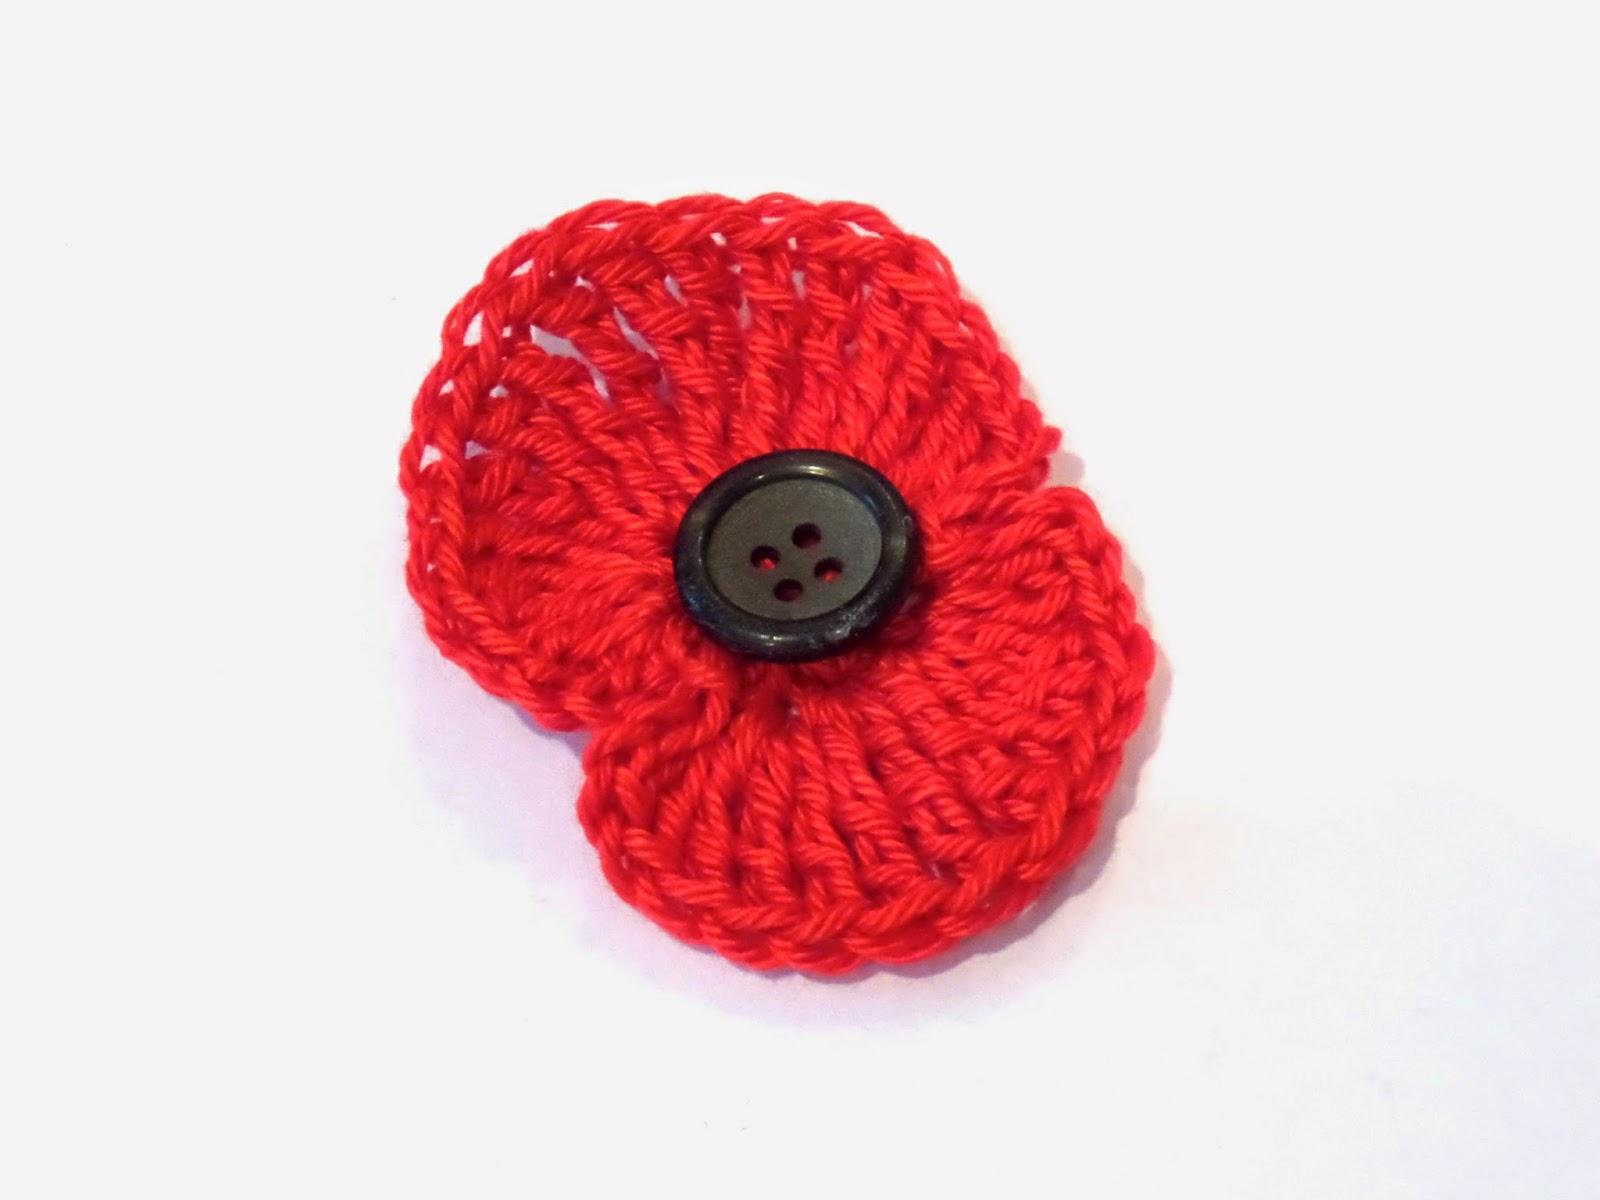 crochet poppy pattern free